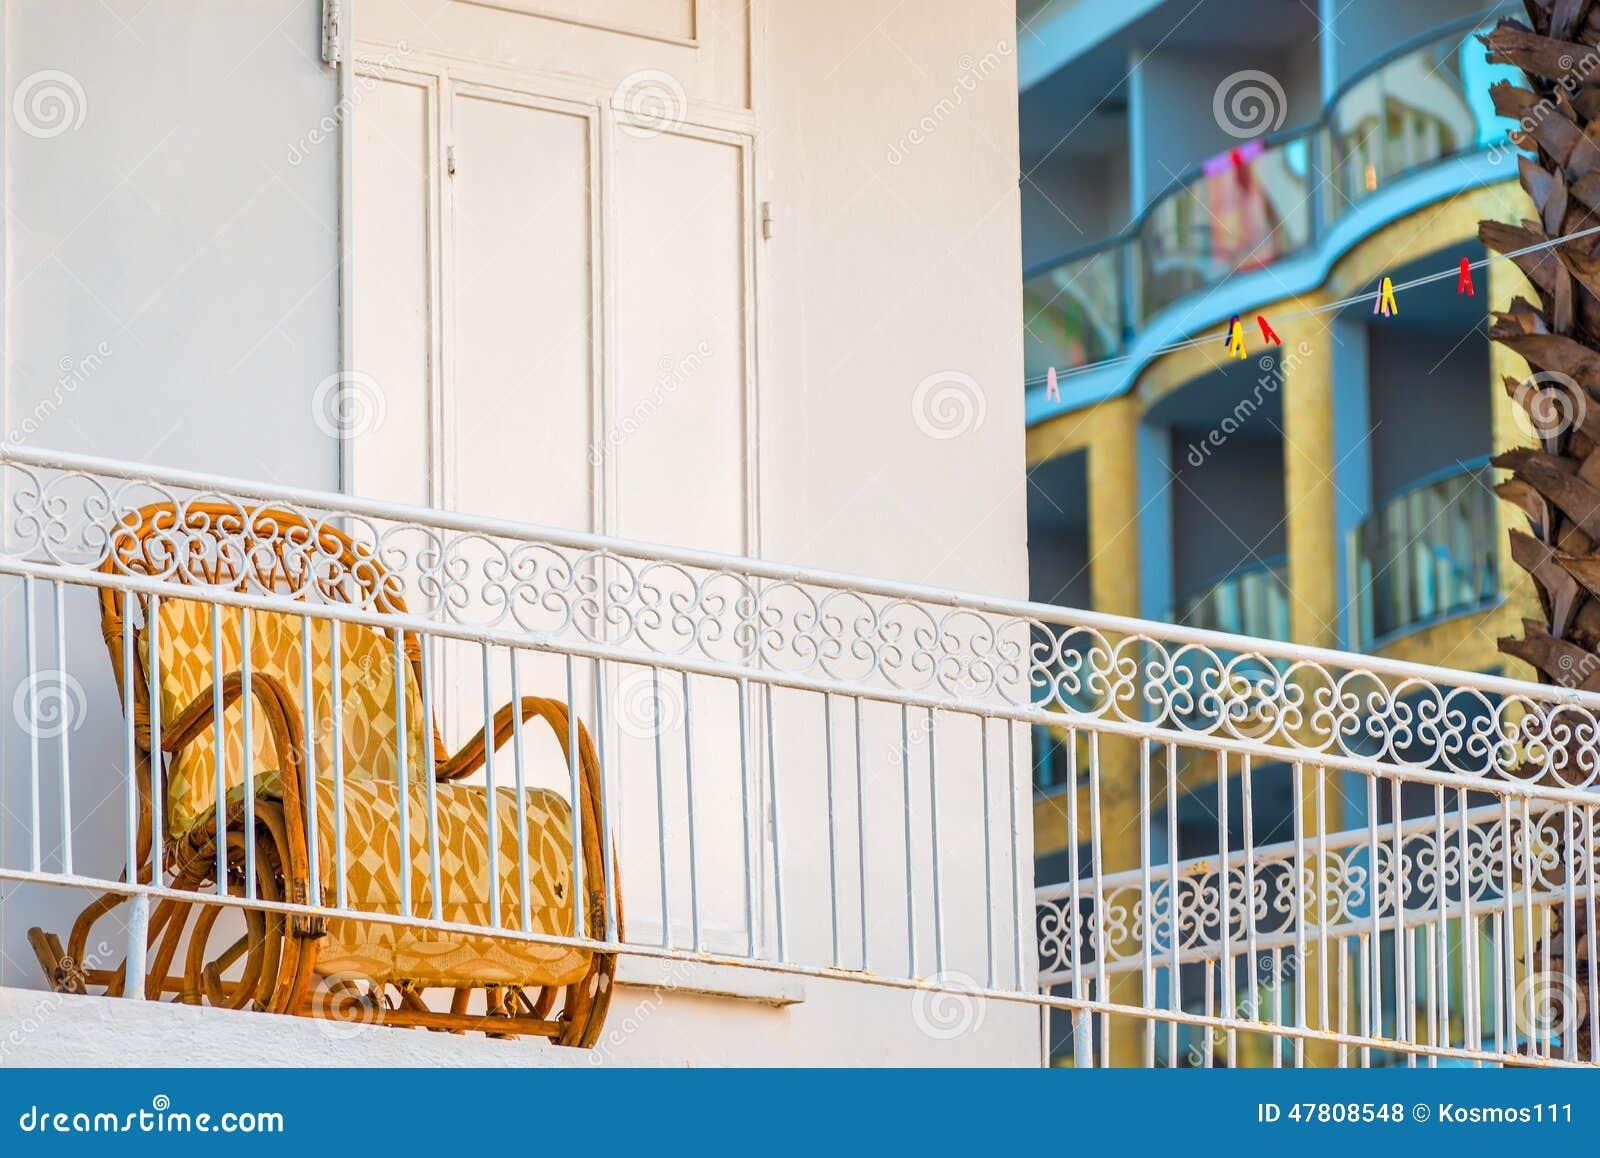 Schommelstoel Op Balkon : Oude schommelstoel op het balkon stock foto afbeelding bestaande